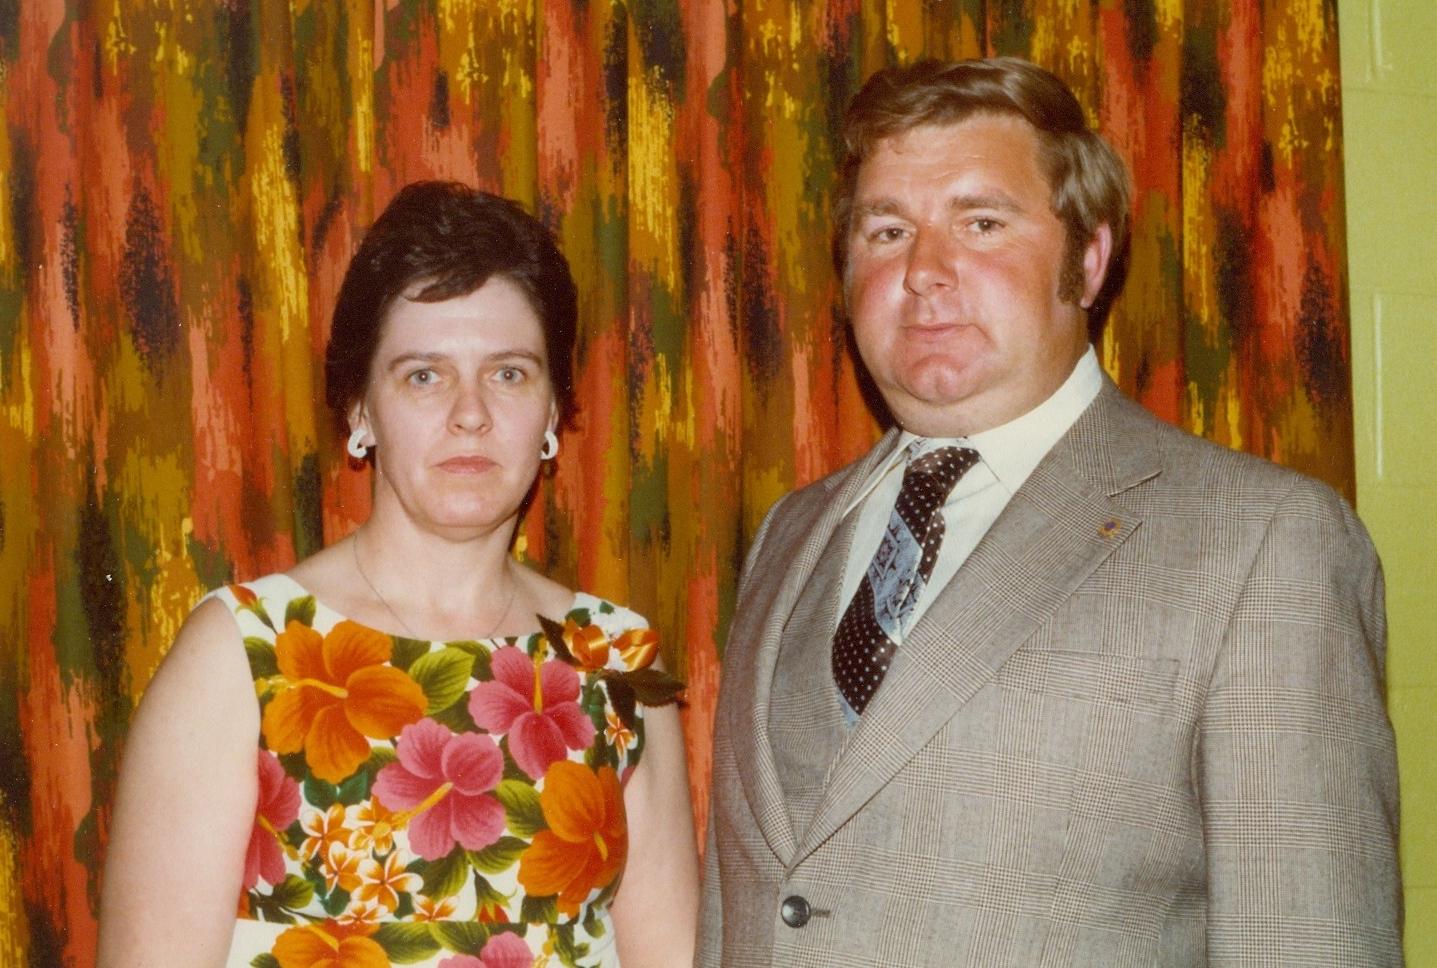 Helen and Bill Somerville